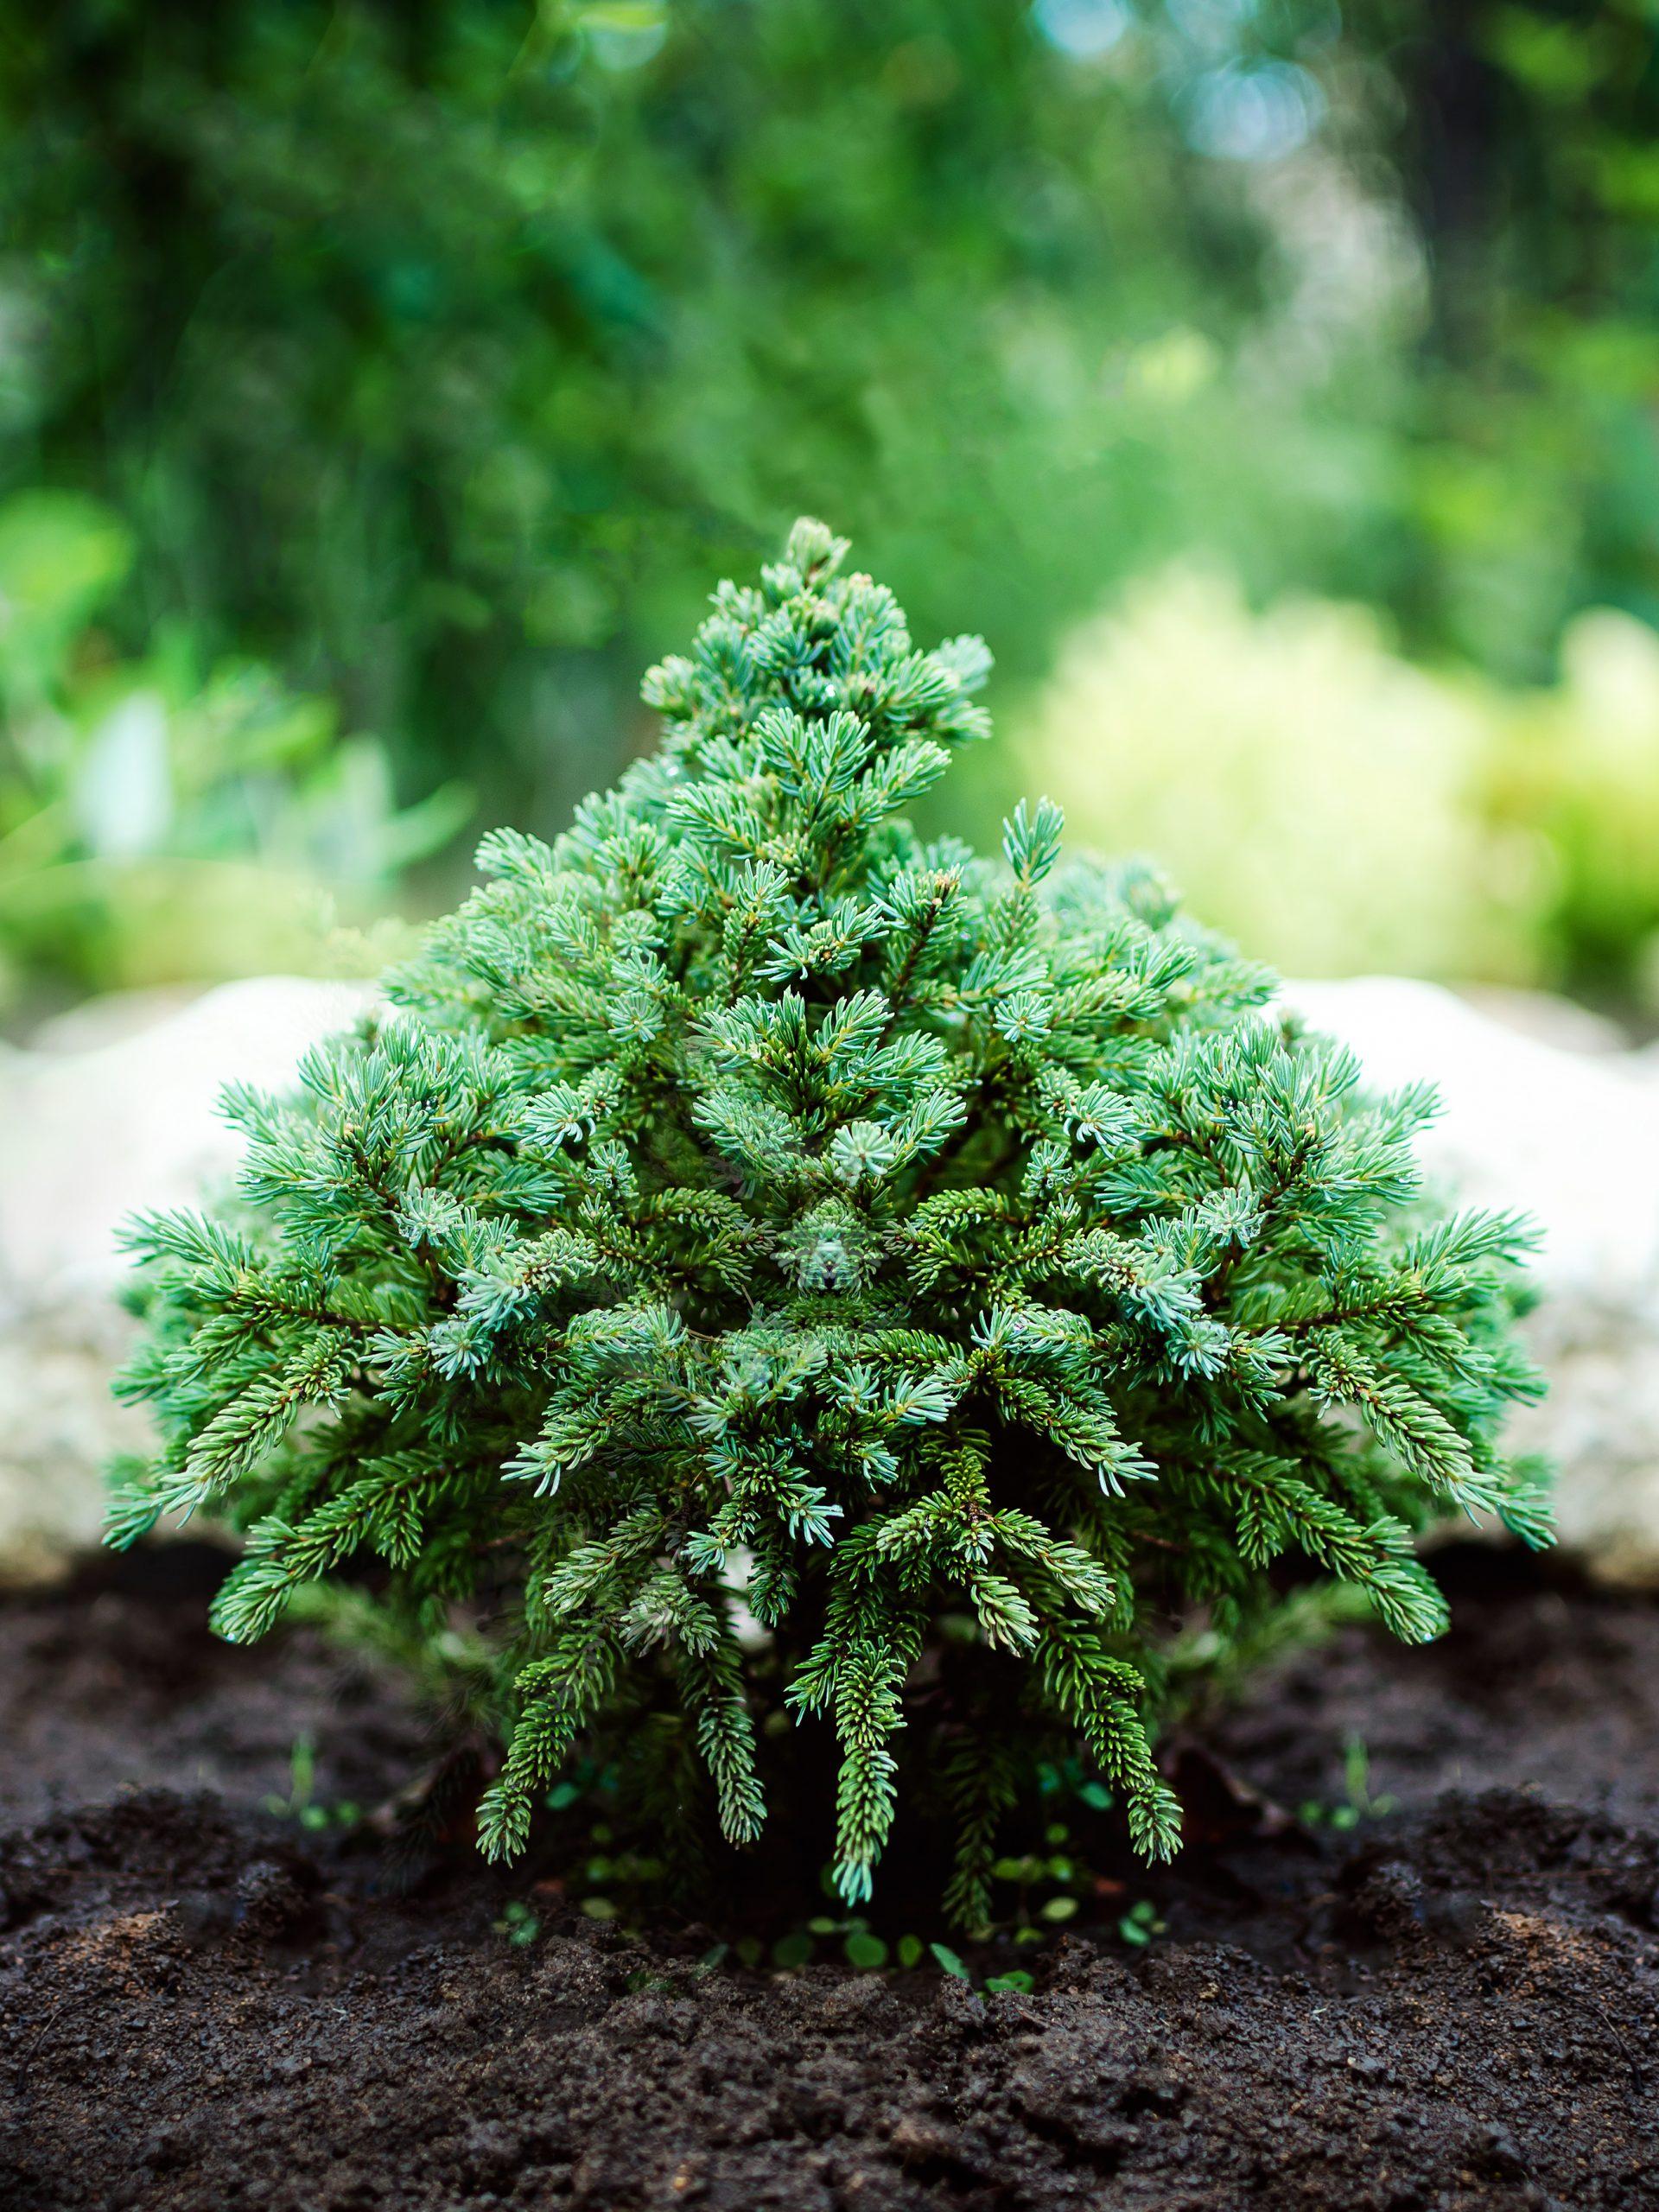 decorative dwarf pine grows in the garden.